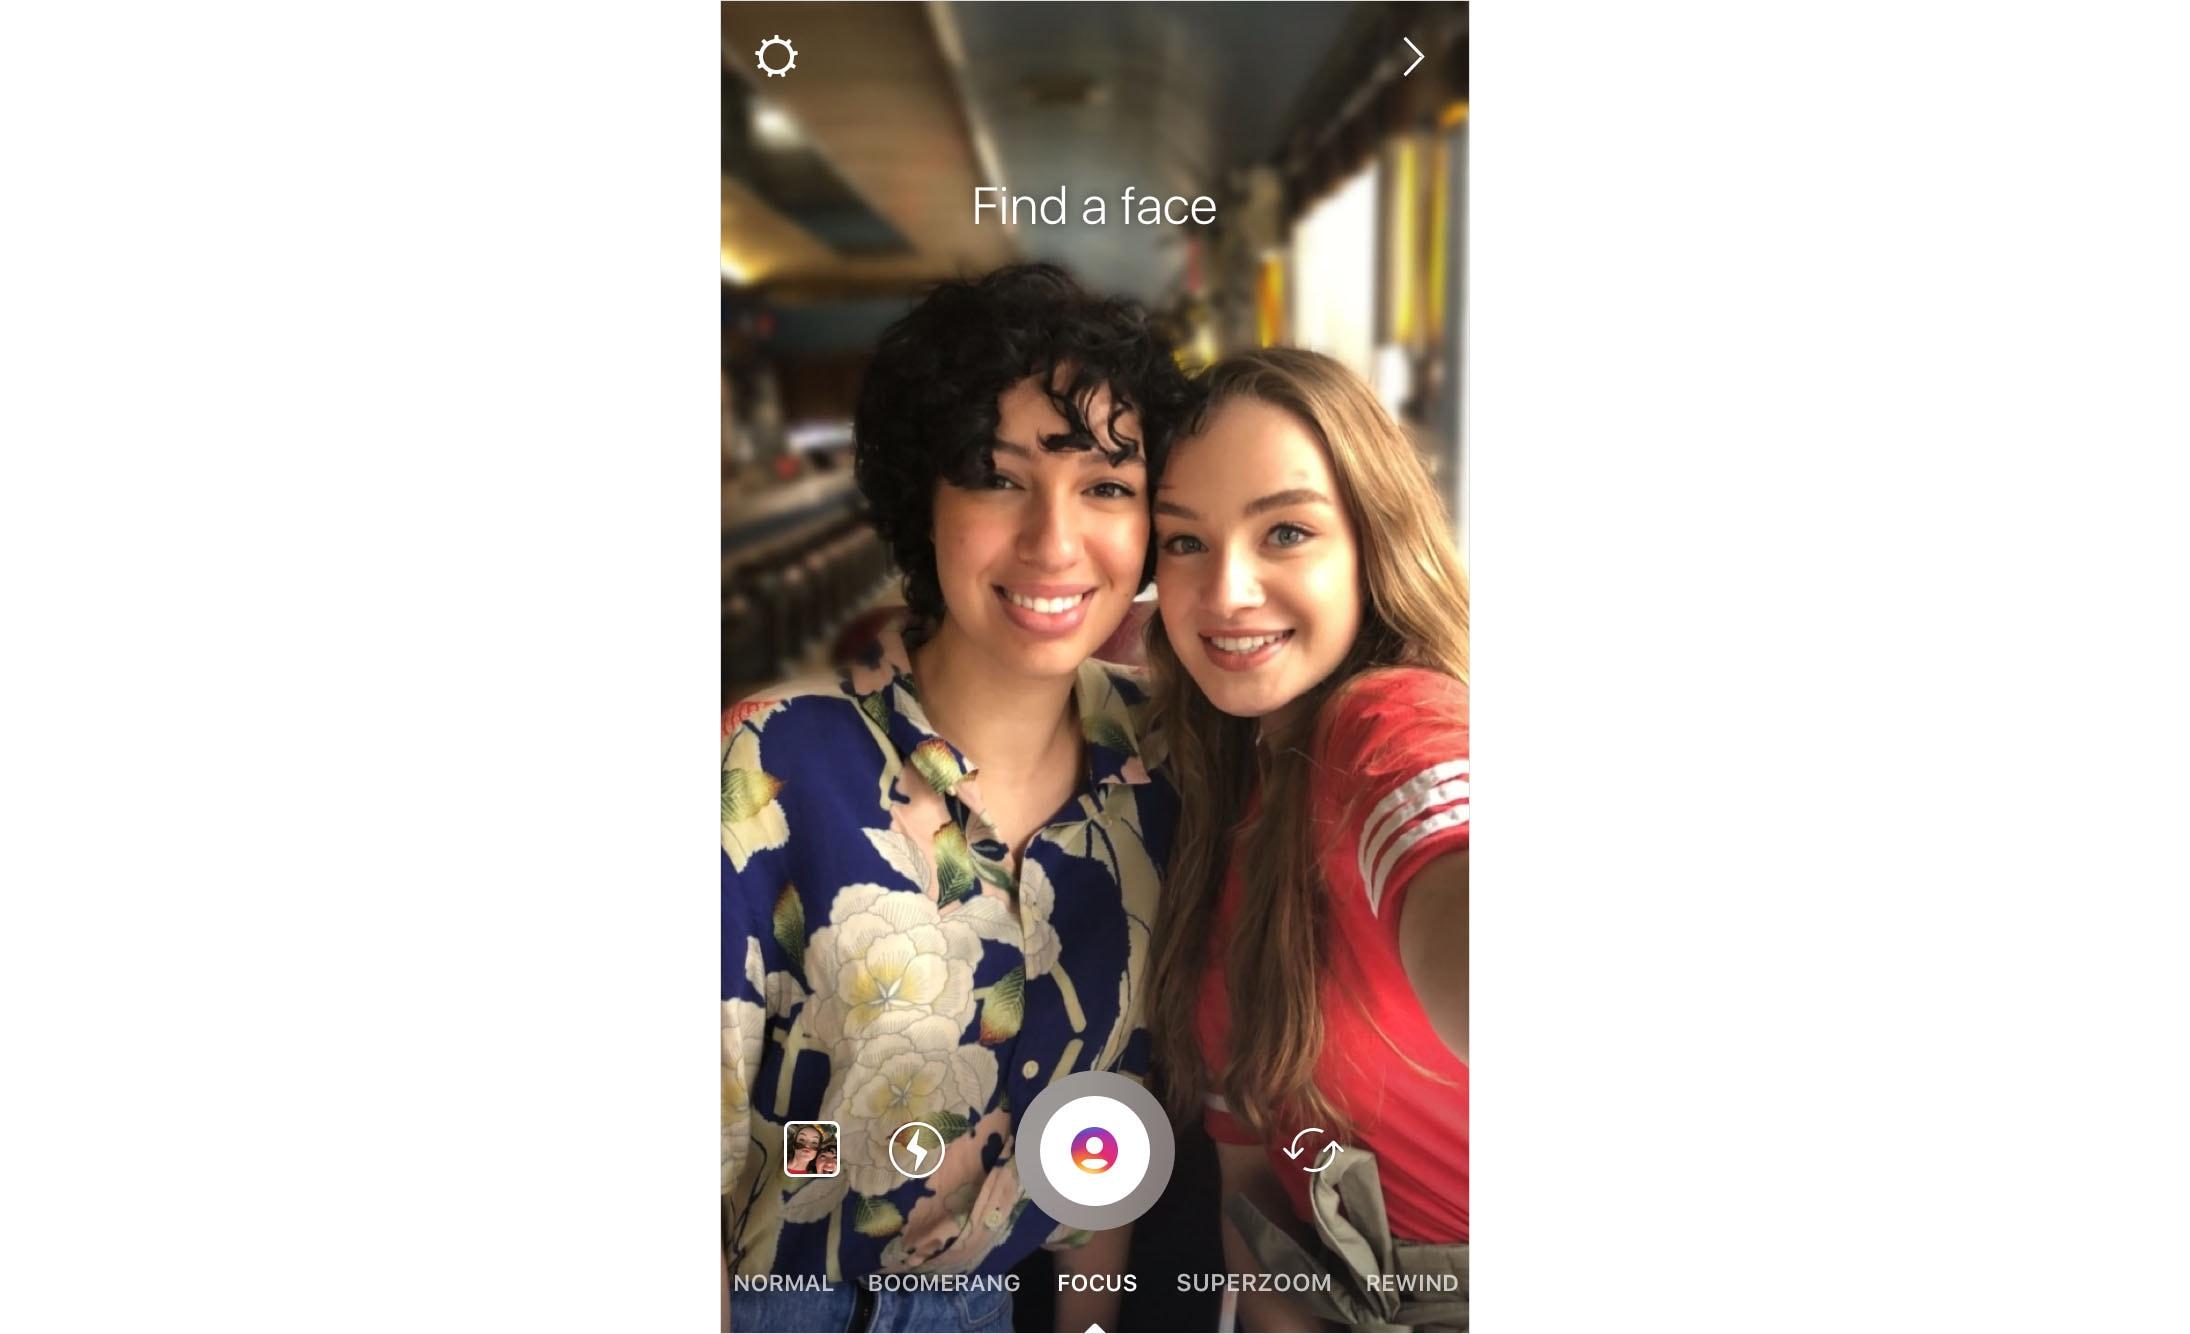 Η λειτουργία Focus του Instagram κάνει τις selfies σου... επαγγελματικές!